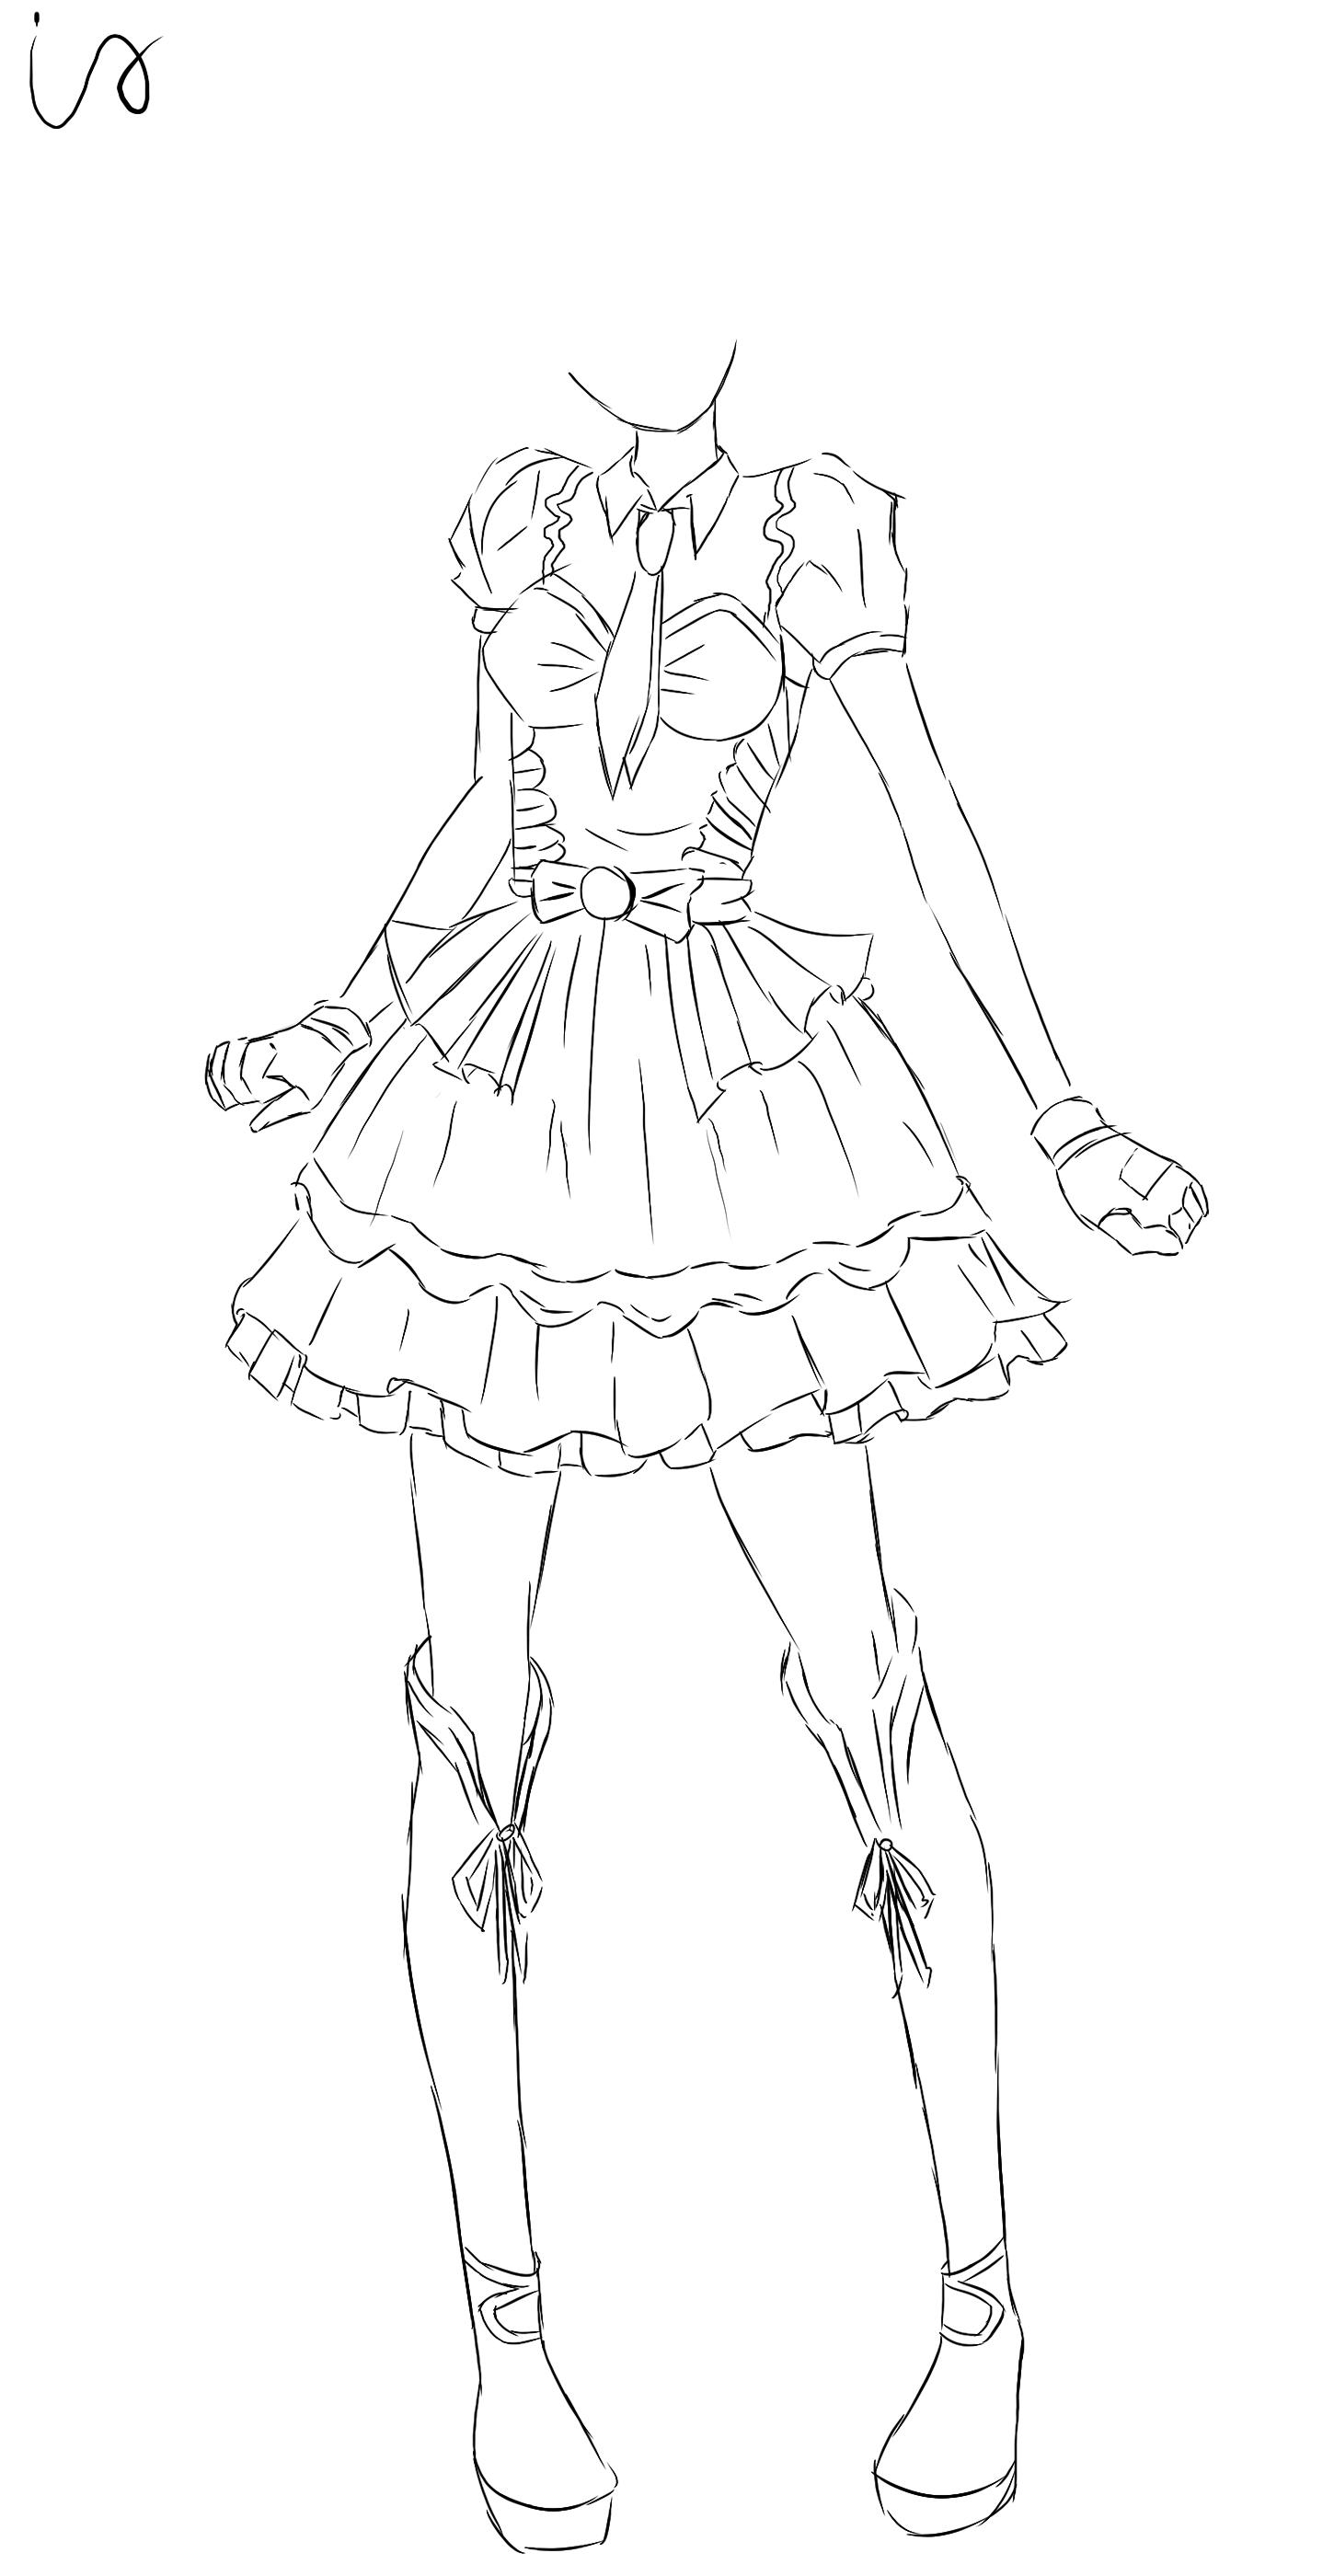 OC Aikatsu Girl by BukaTyan on